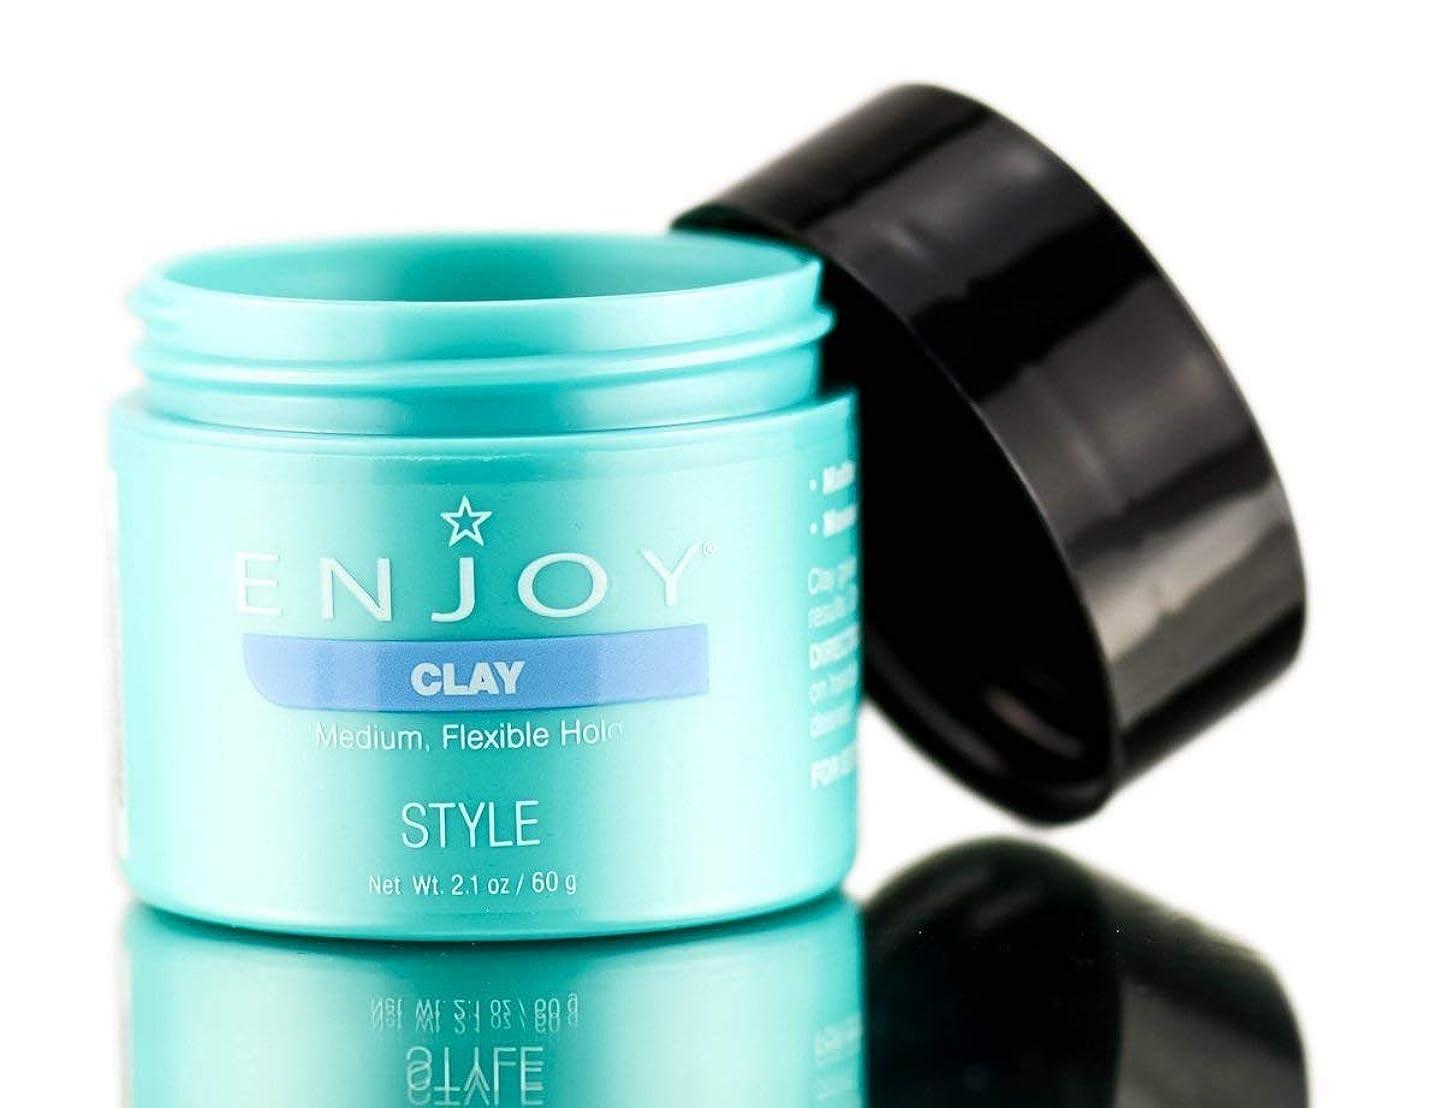 豊かな値するStyle Clay Medium Flexible Hold 2.1 oz